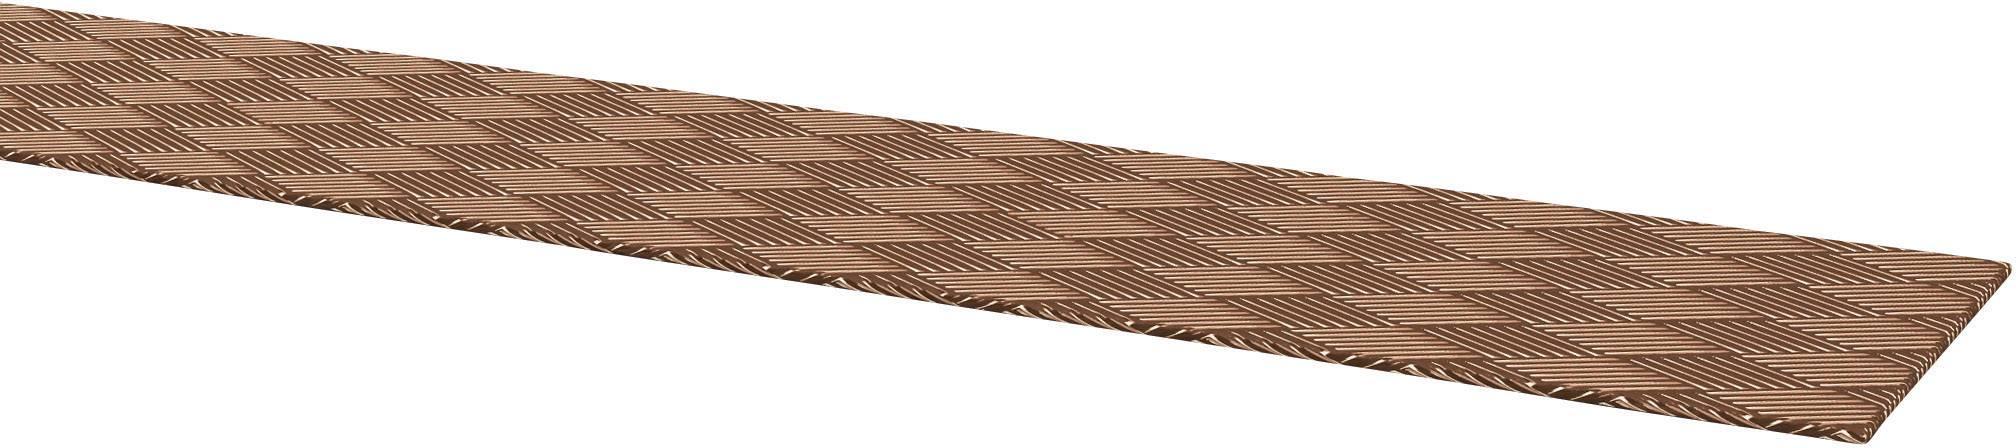 Copper earthing strap, bare 301010000 Kabeltronik Množství: metrové zboží